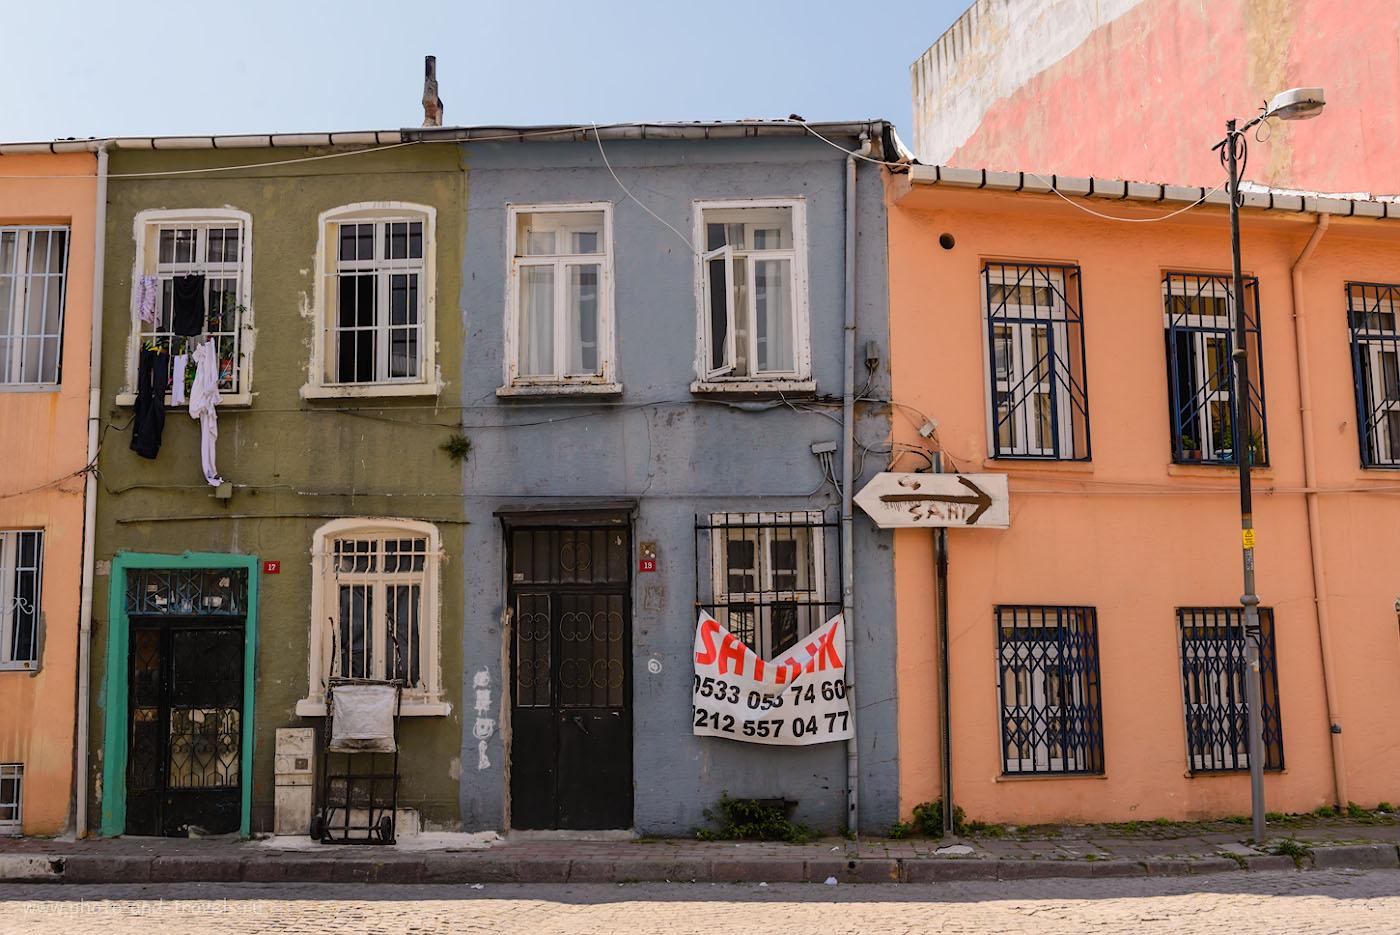 Фото 9. Старинные улочки Стамбула. 1/500, -0.67, 8.0, 200, 36.